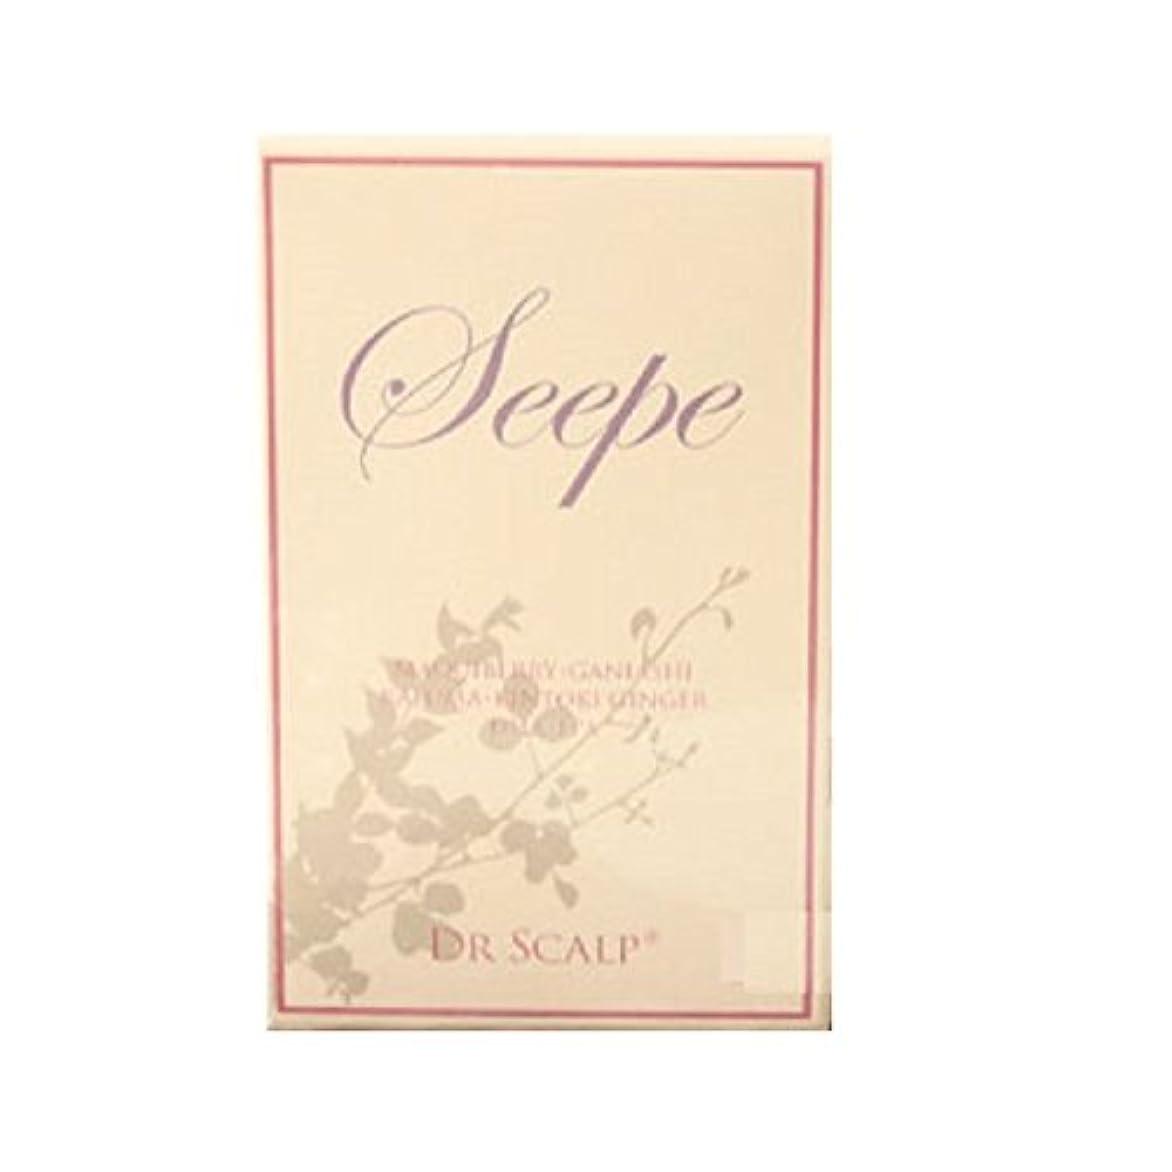 ダッシュ必要偶然ドクタースカルプ DR.SCALP(ドクタースカルプ)SEEPE(シープ) (サプリメント)※プロジェクトサプリメントのリニューアル商品です《60粒》